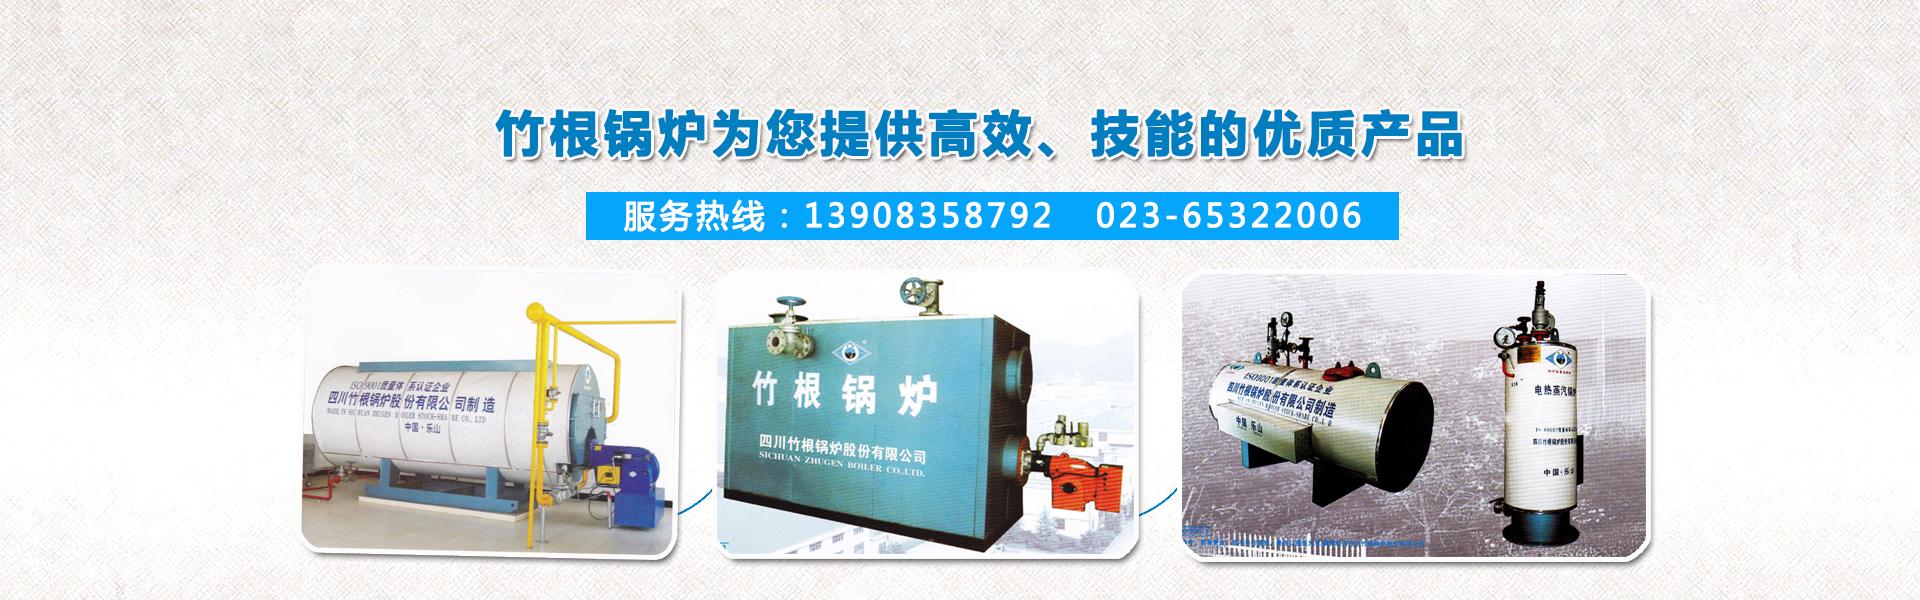 重庆锅炉为您提供高效率,节约的优质产品